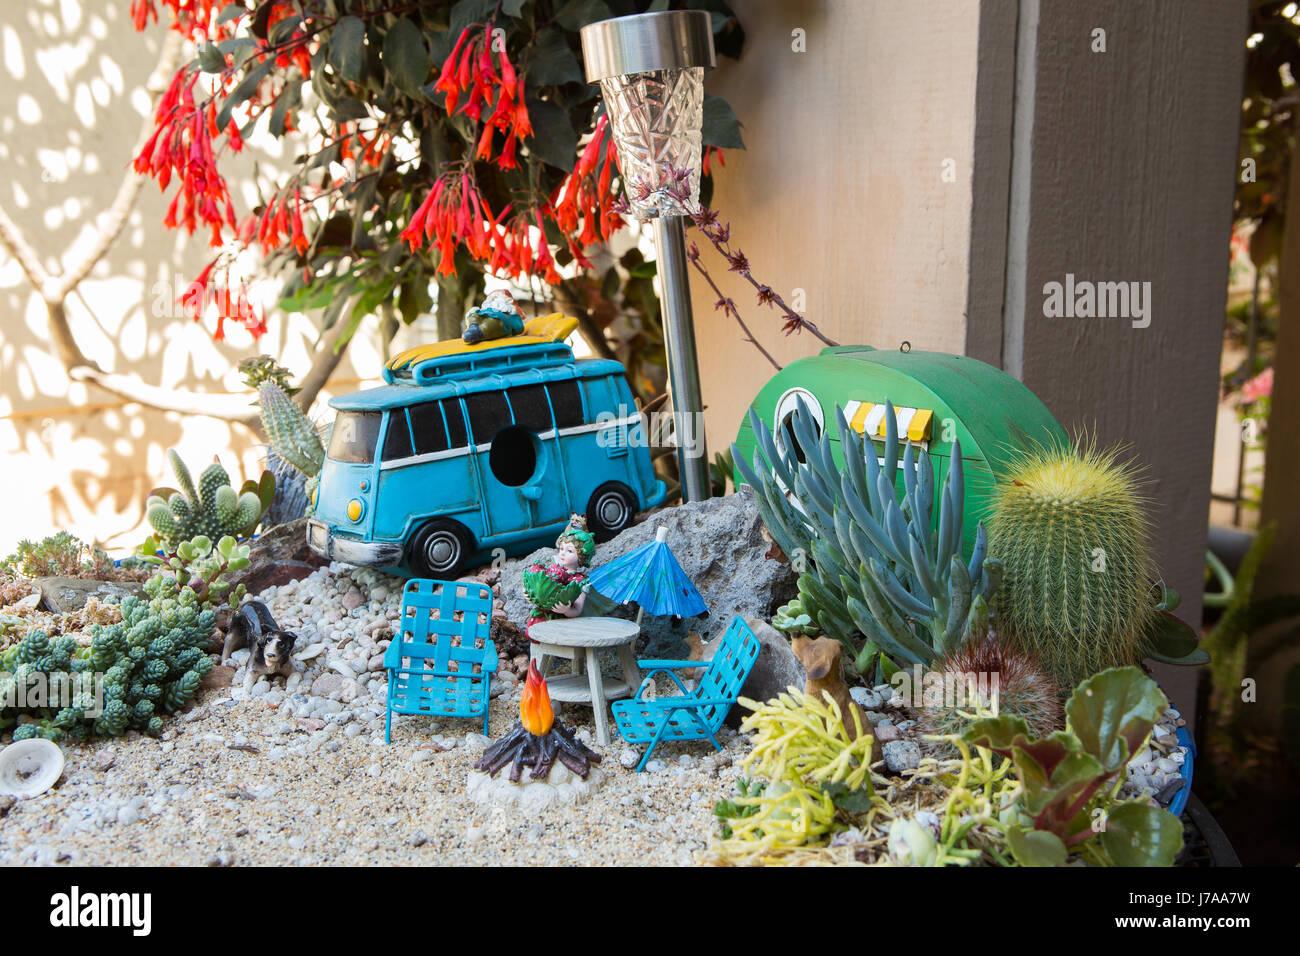 Cactus Garden. Miniature Cactus Fairy Garden In A Tabletop Planter.